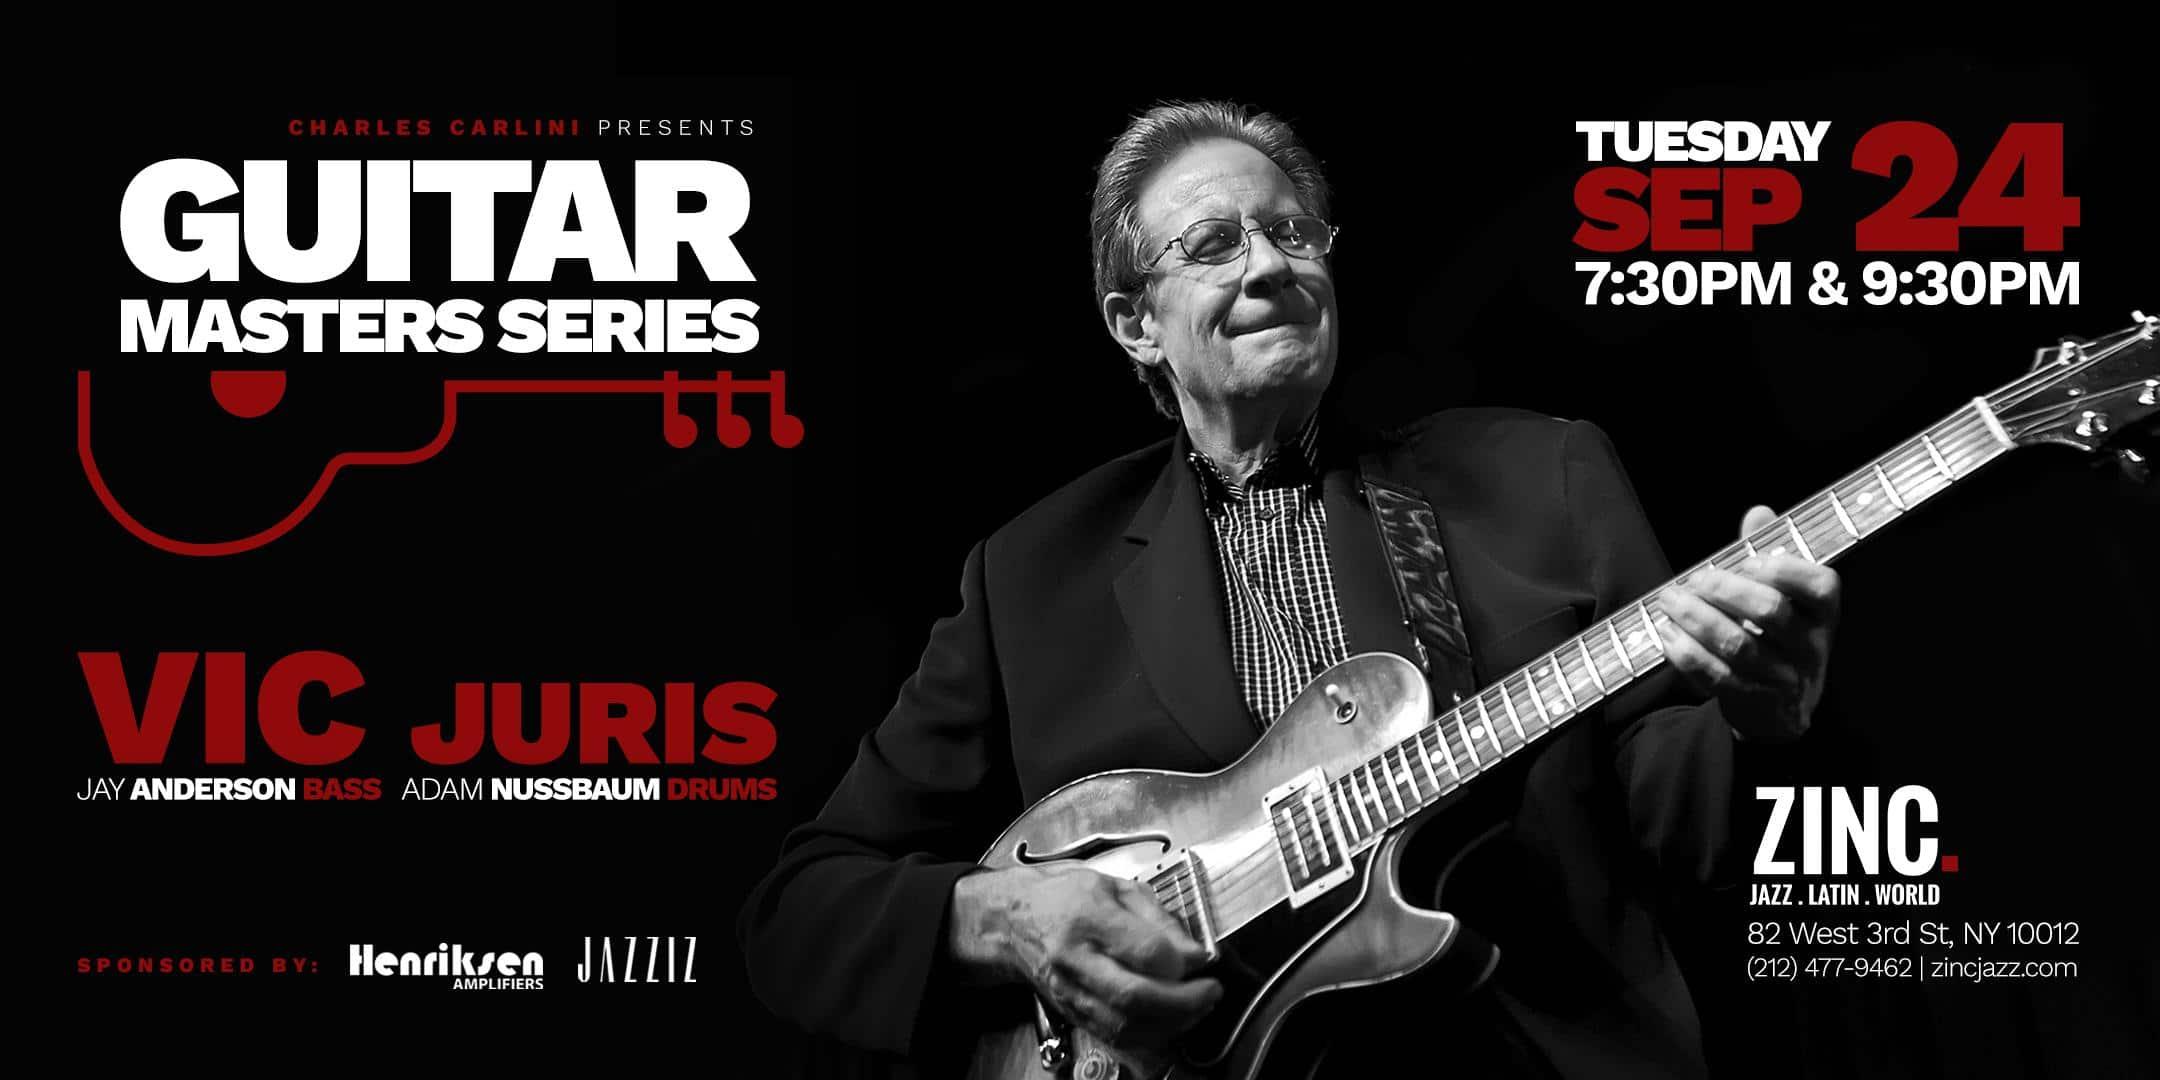 Guitar Masters Series: Vic Juris